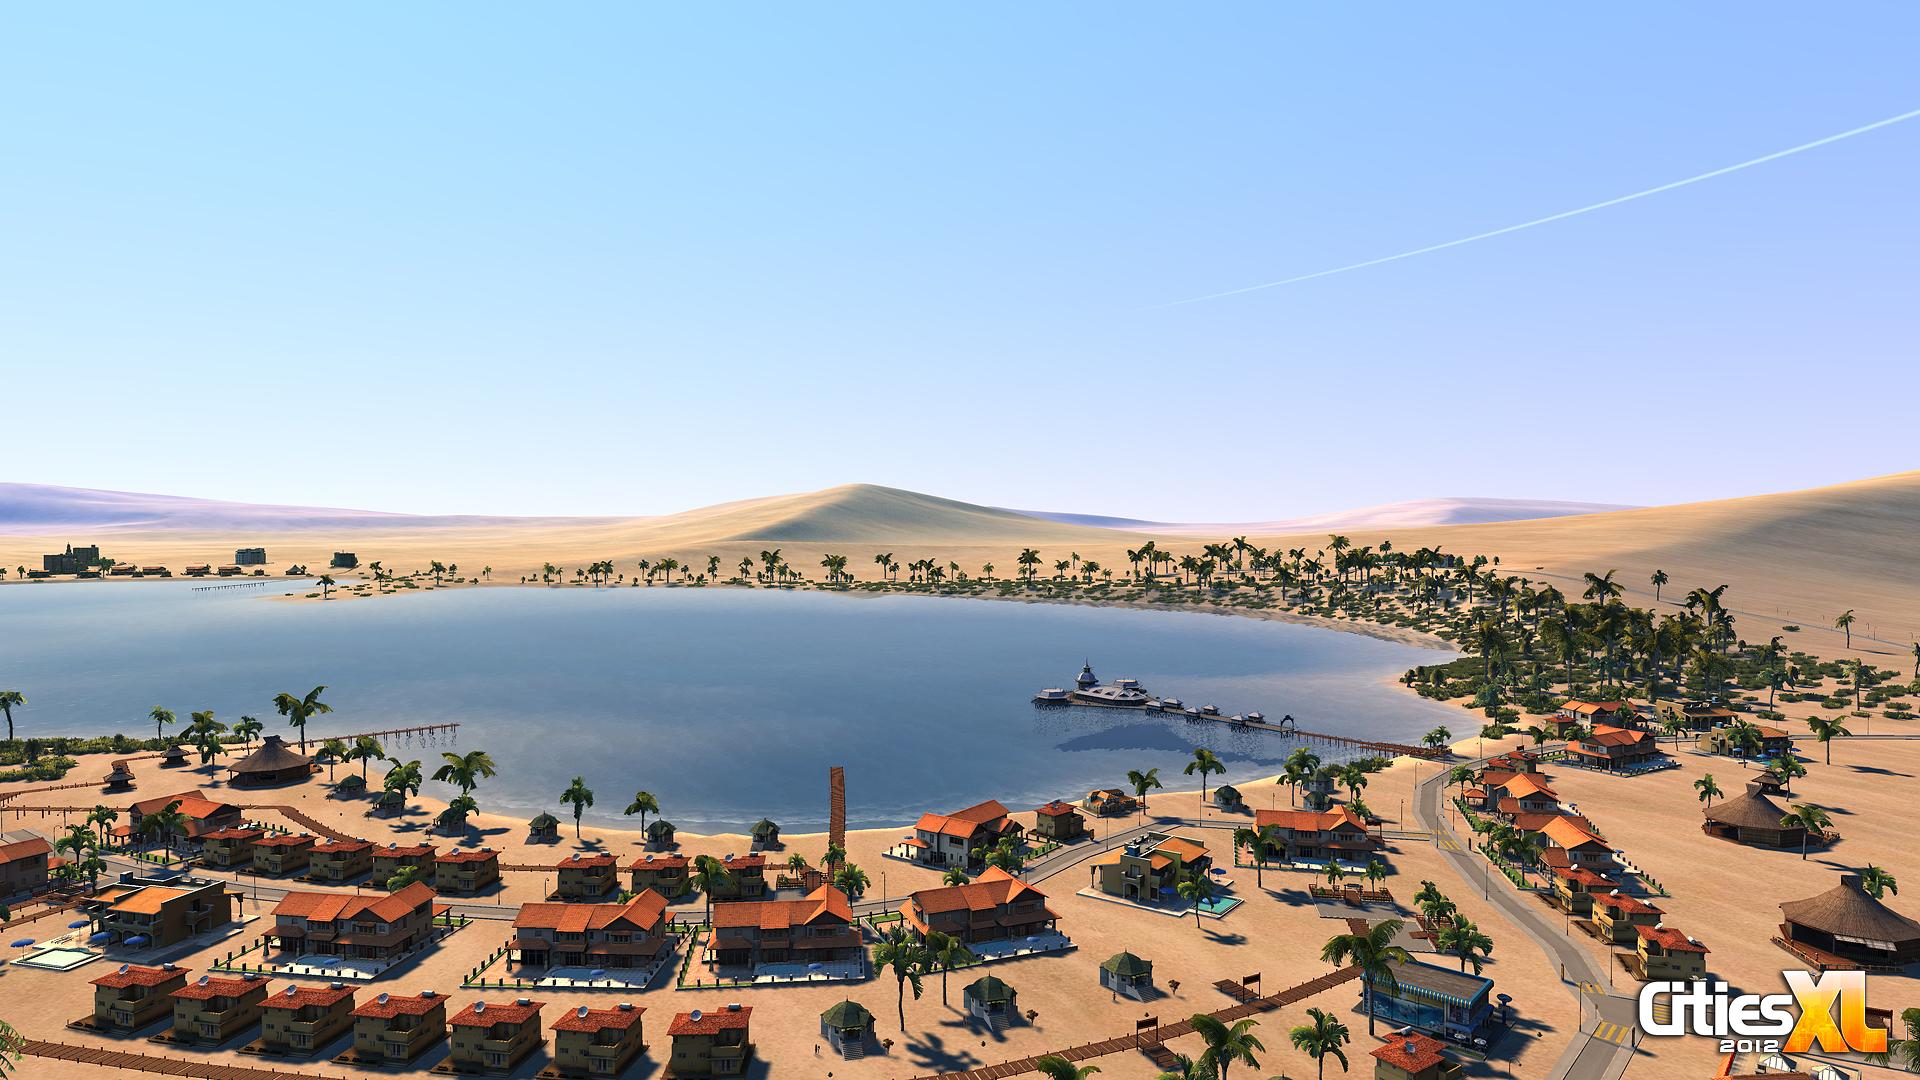 Představeno Cities XL 2012 46560